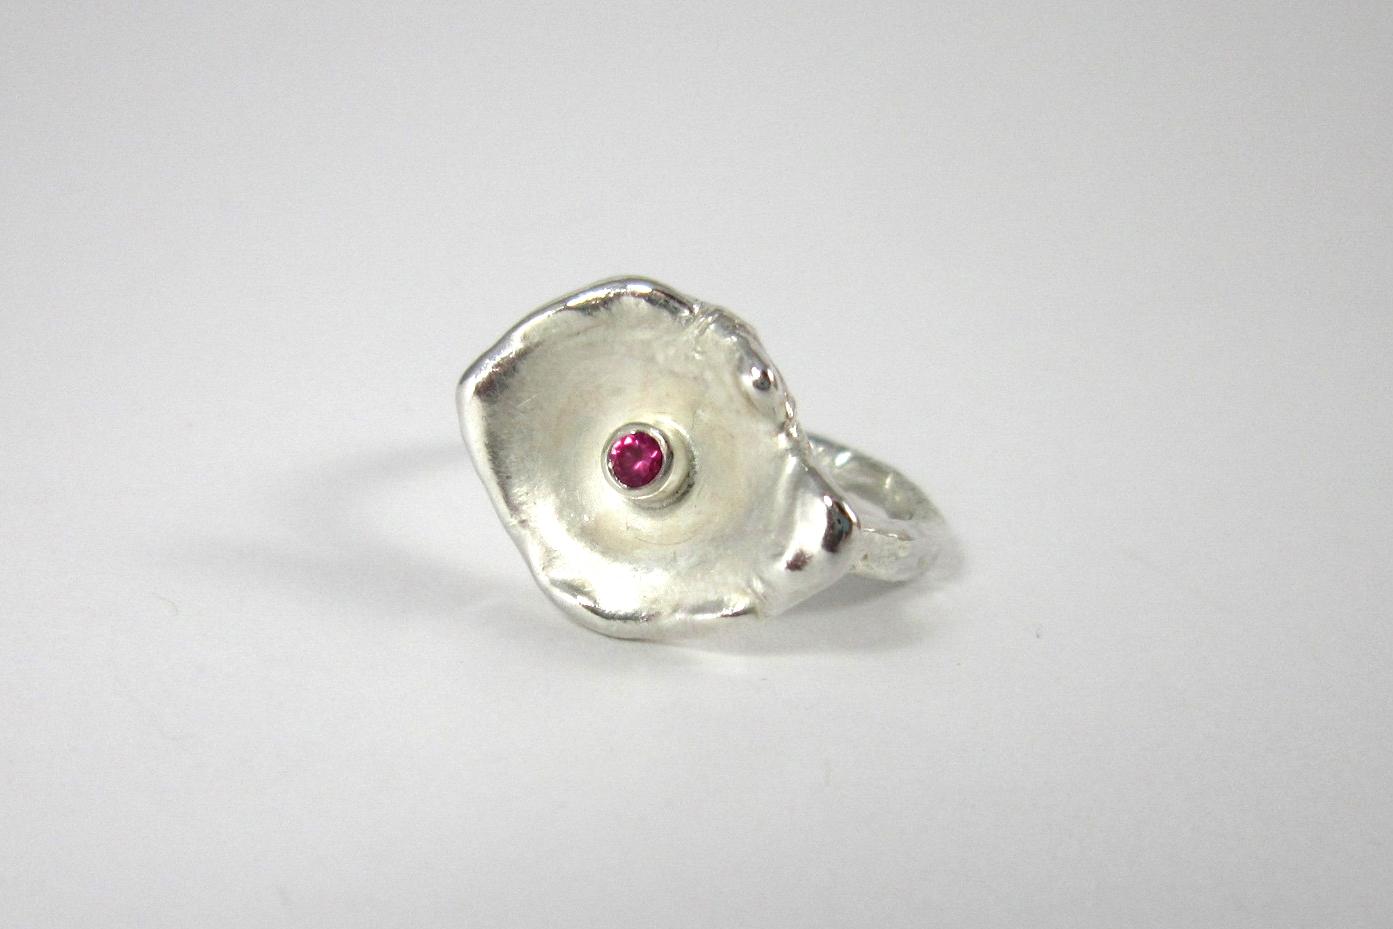 Organisch gevormde zilveren ring met robijn.